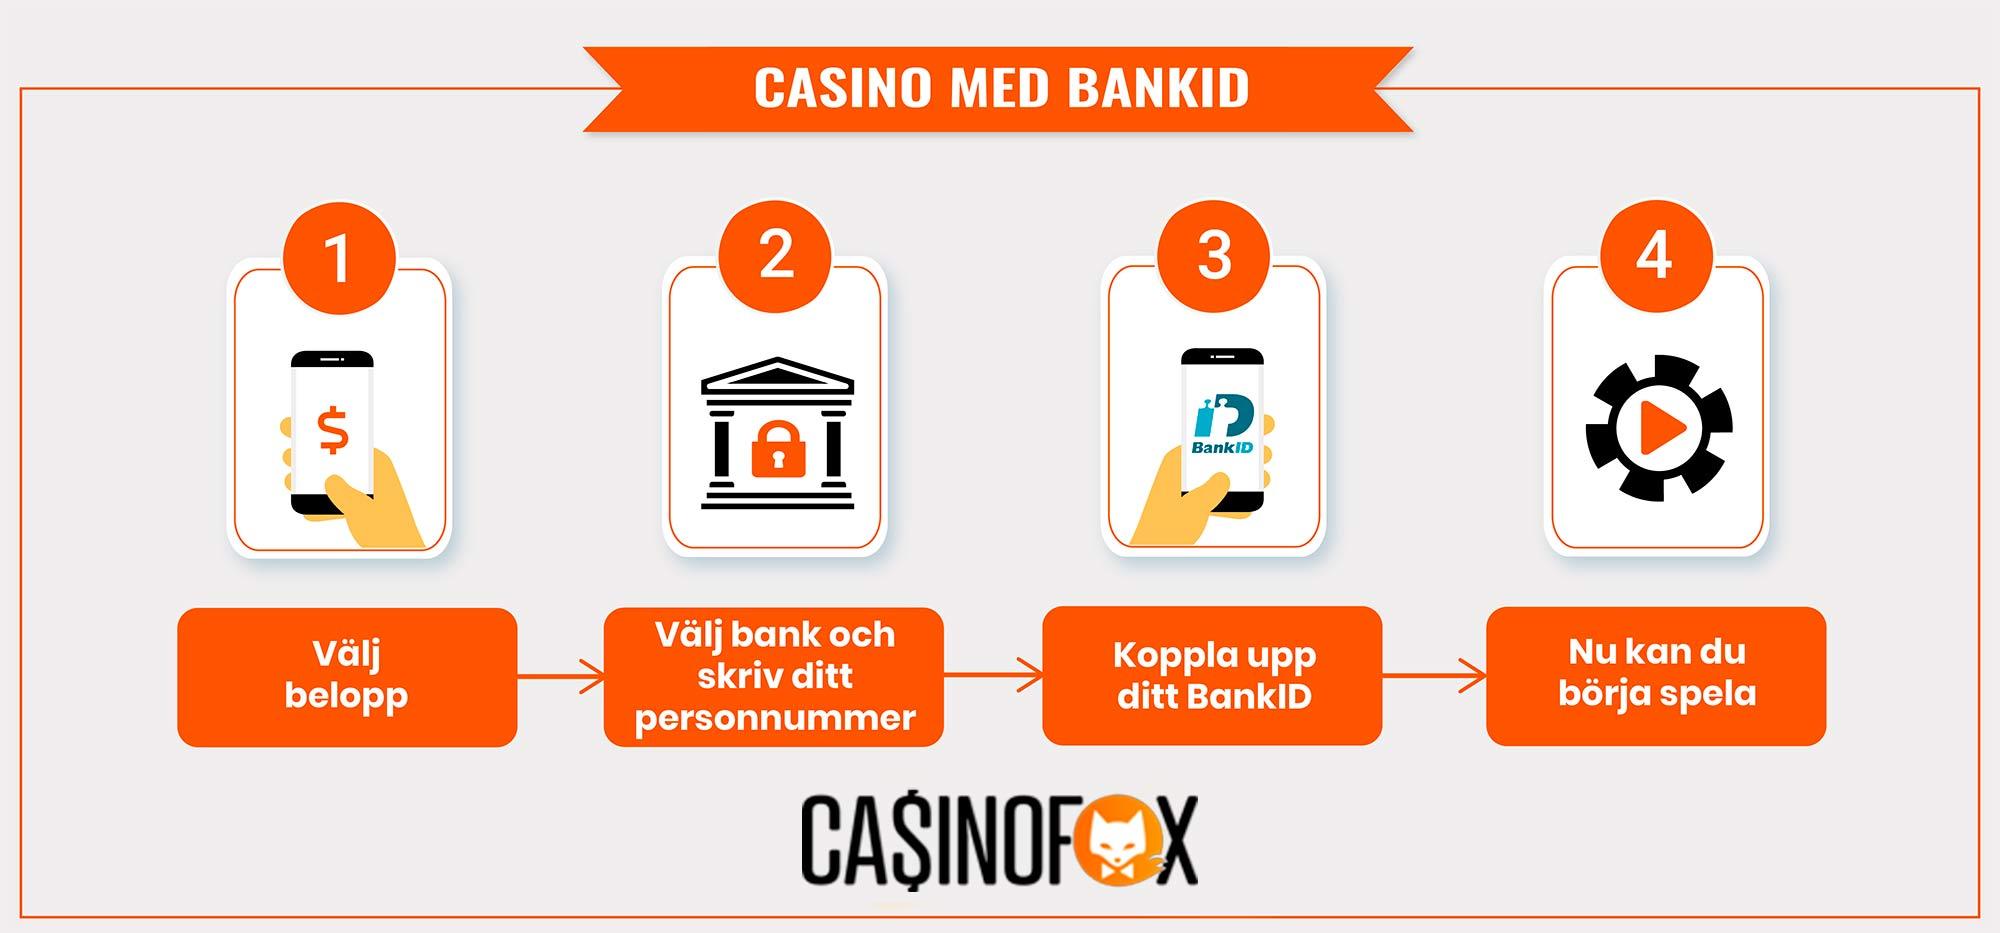 så här spelar du casino med mobilt bankid